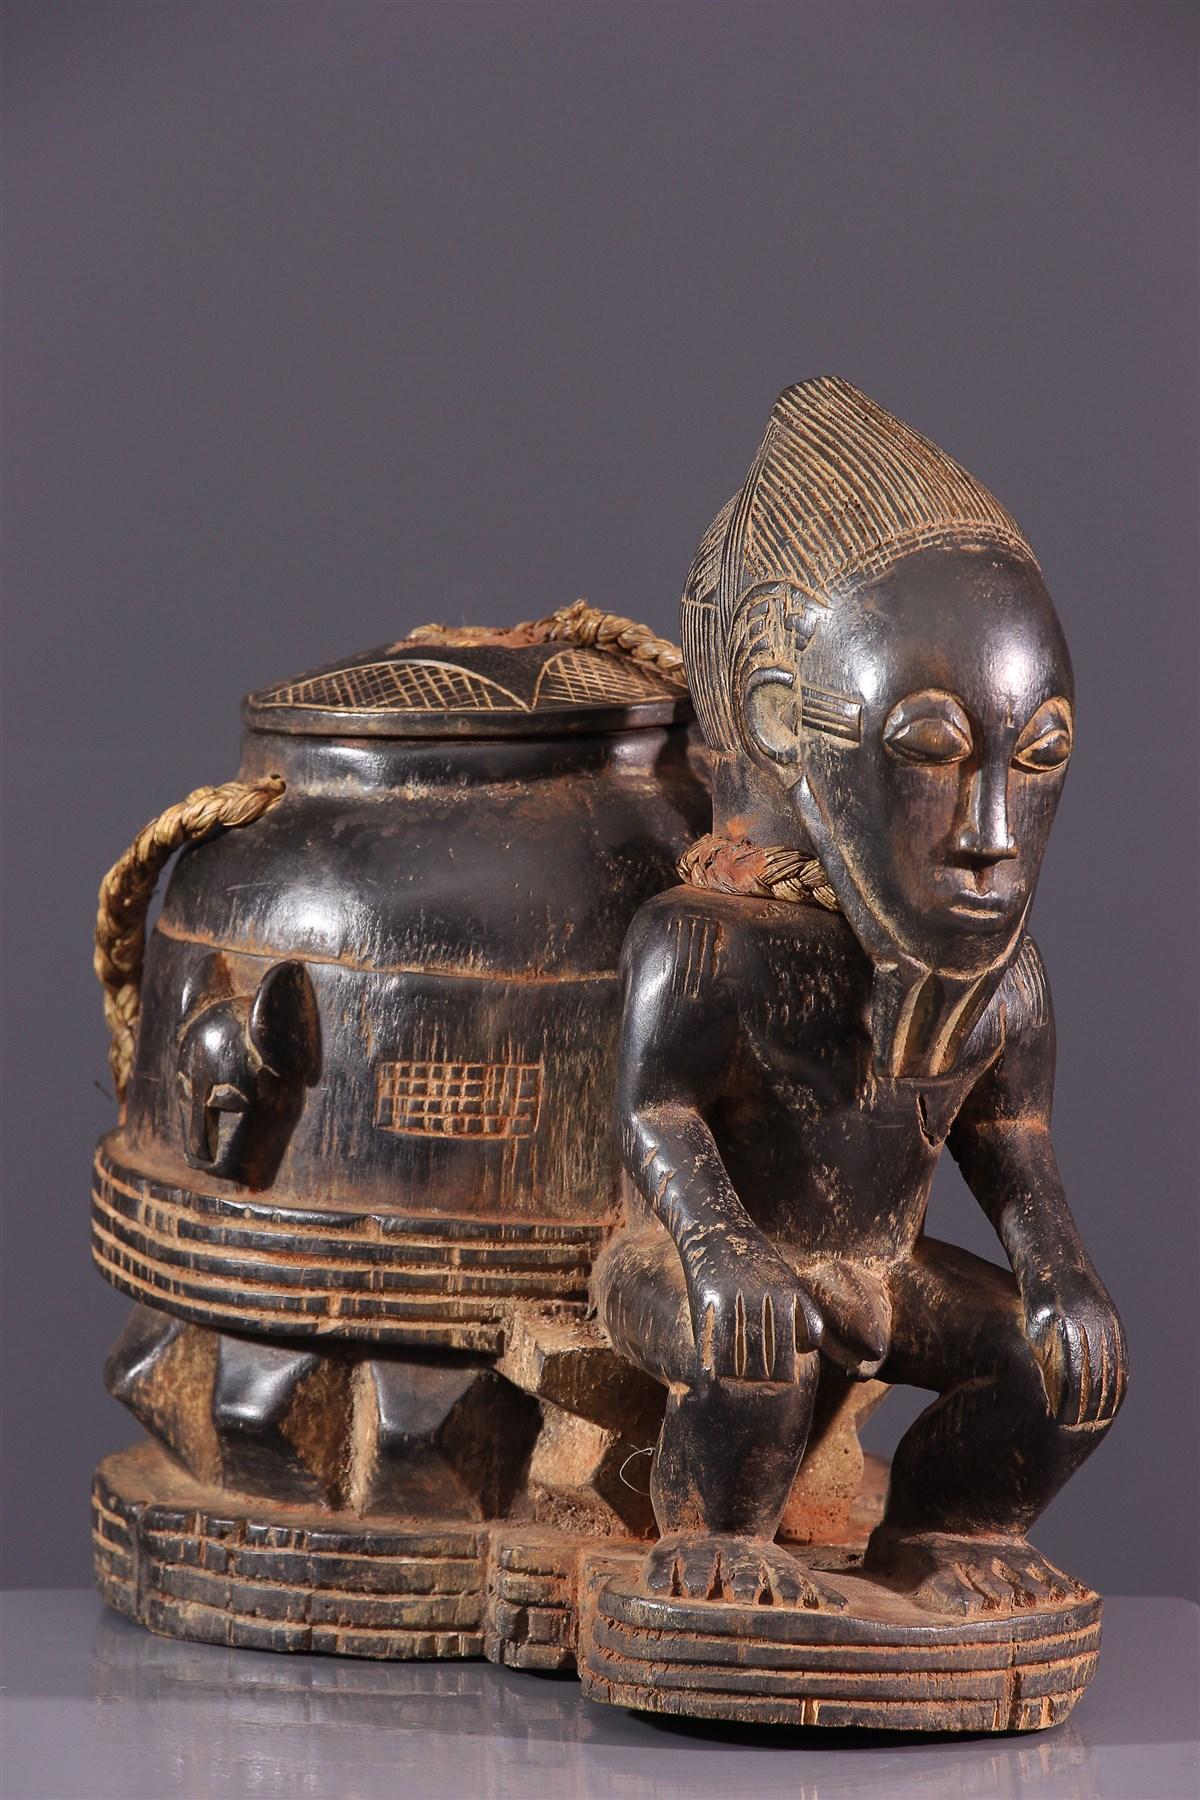 Boîte à souris Baoulé - Art africain